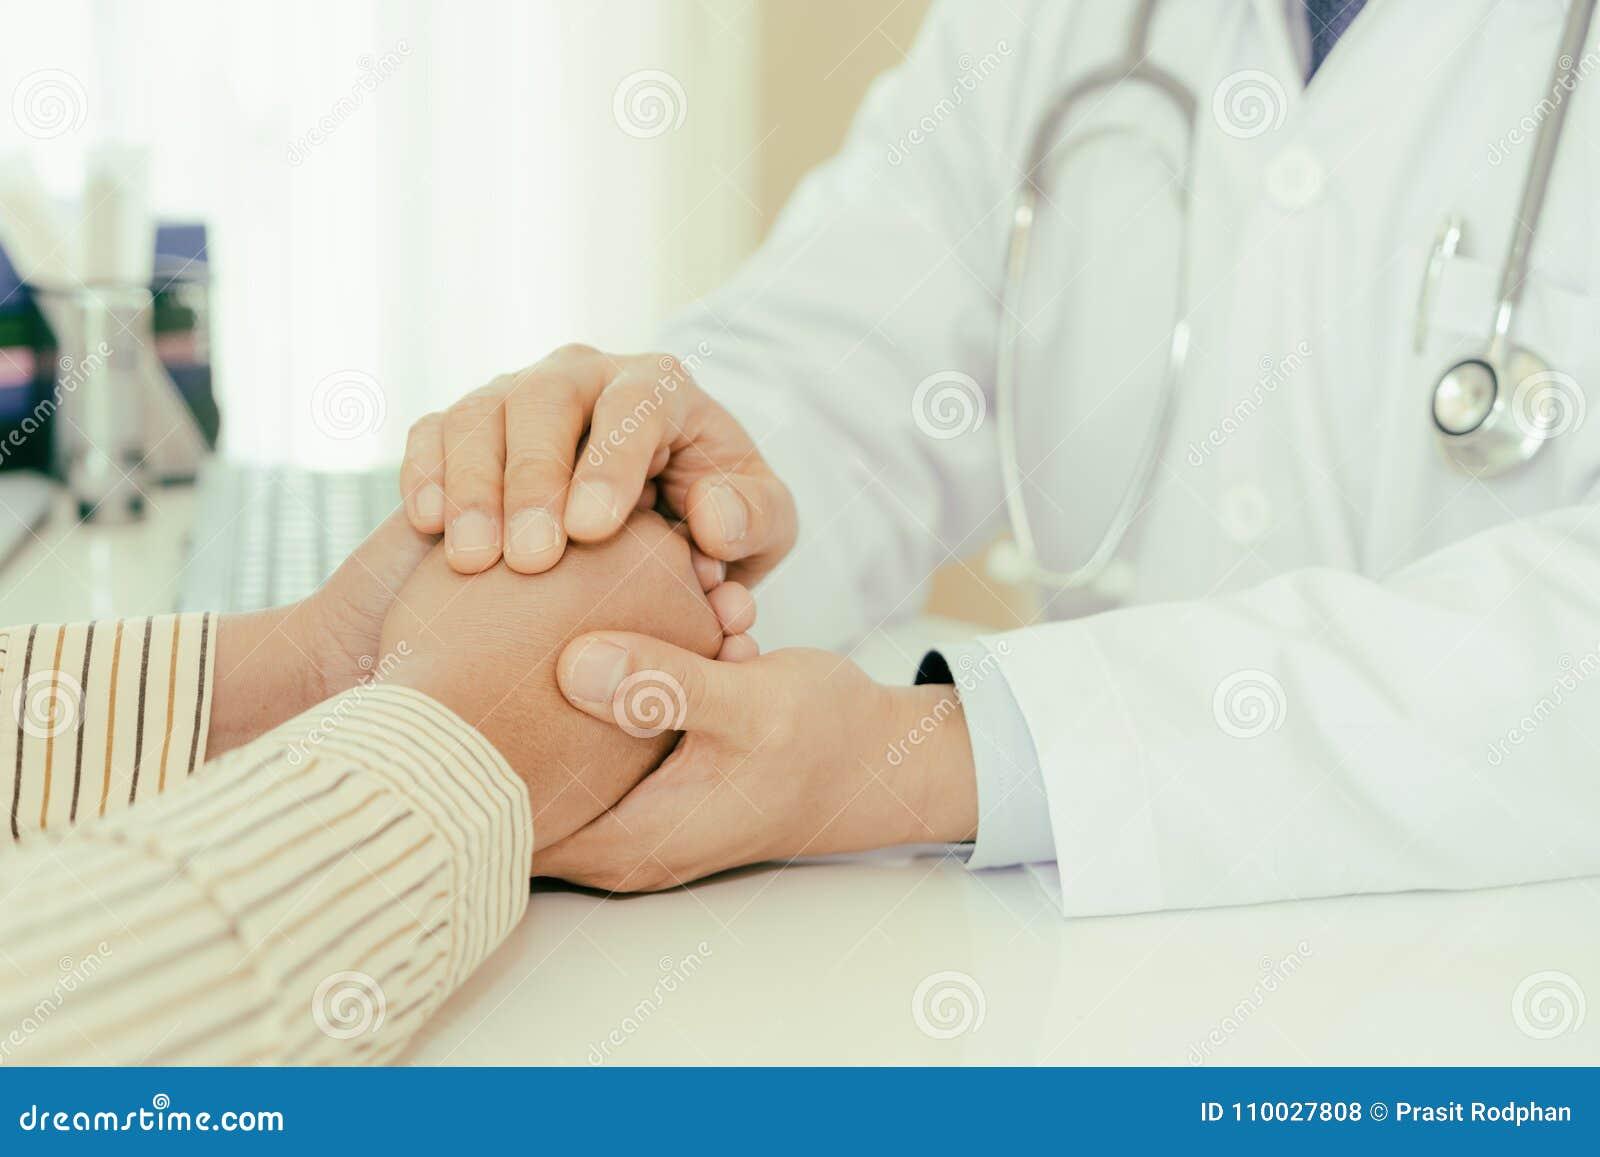 Vriendschappelijke mens artsenhanden die geduldige handzitting houden bij DE